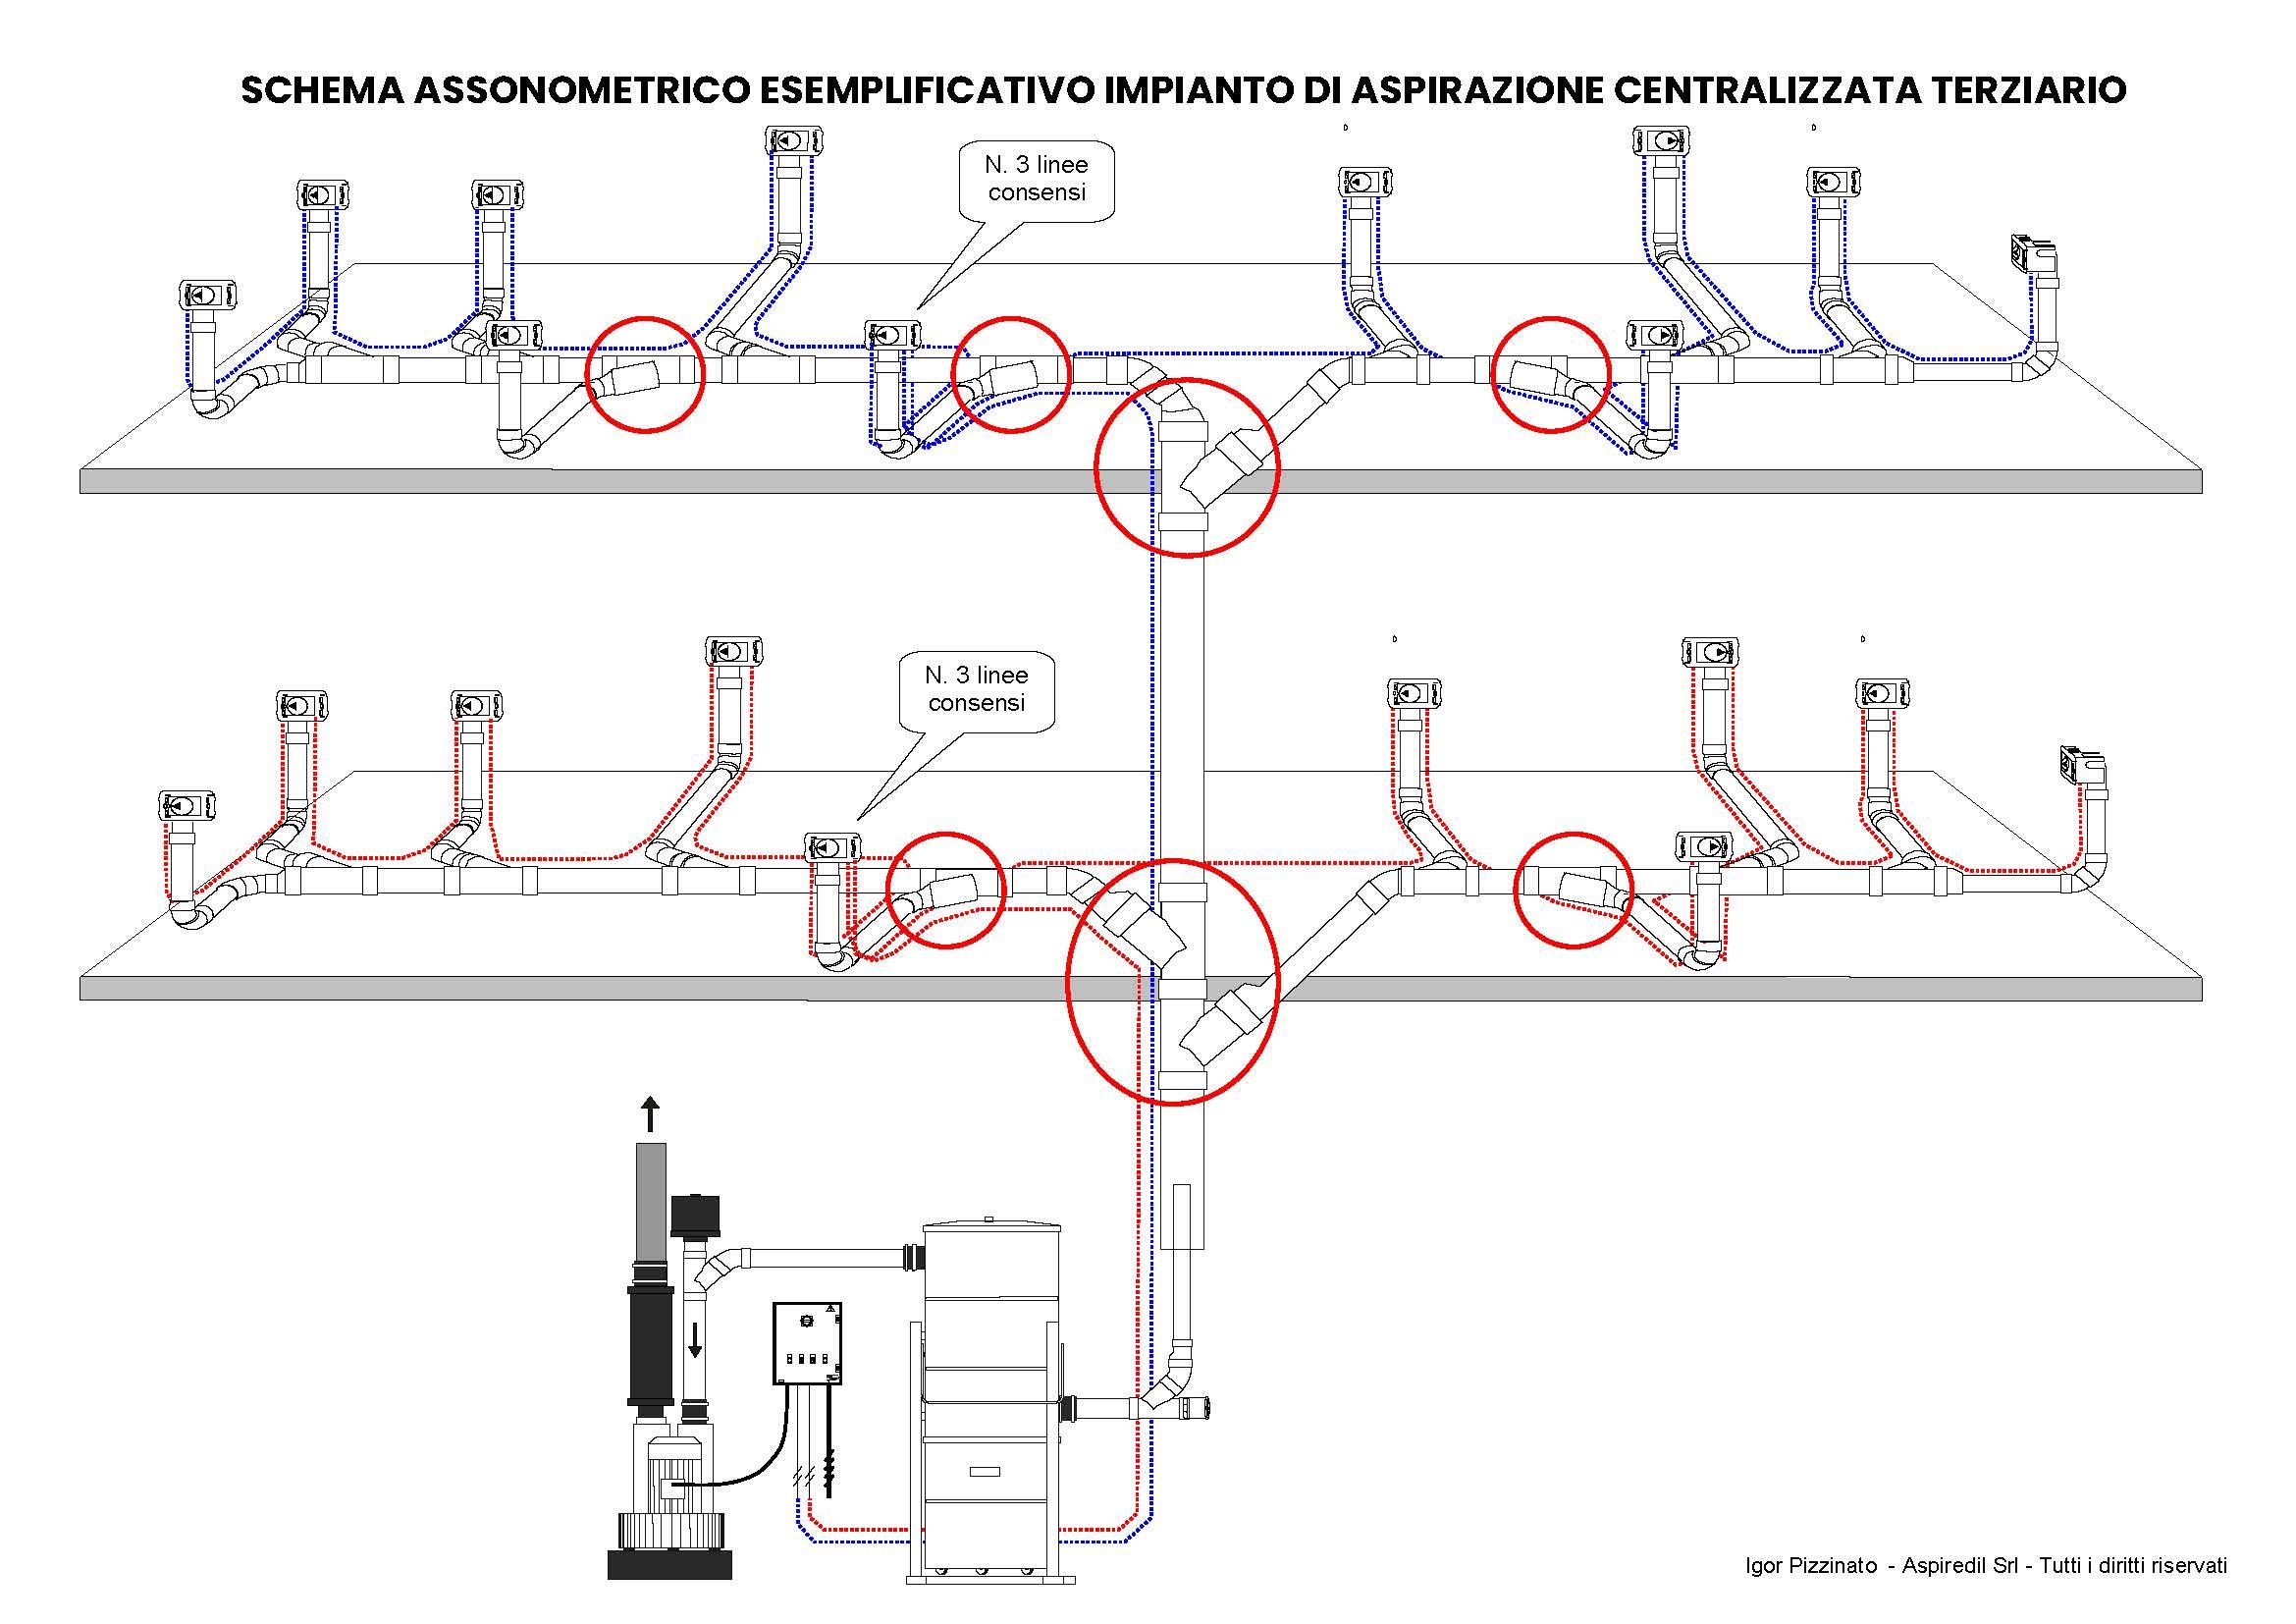 Schema di sviluppo della rete tubiera di un impianto di aspirazione per albergo